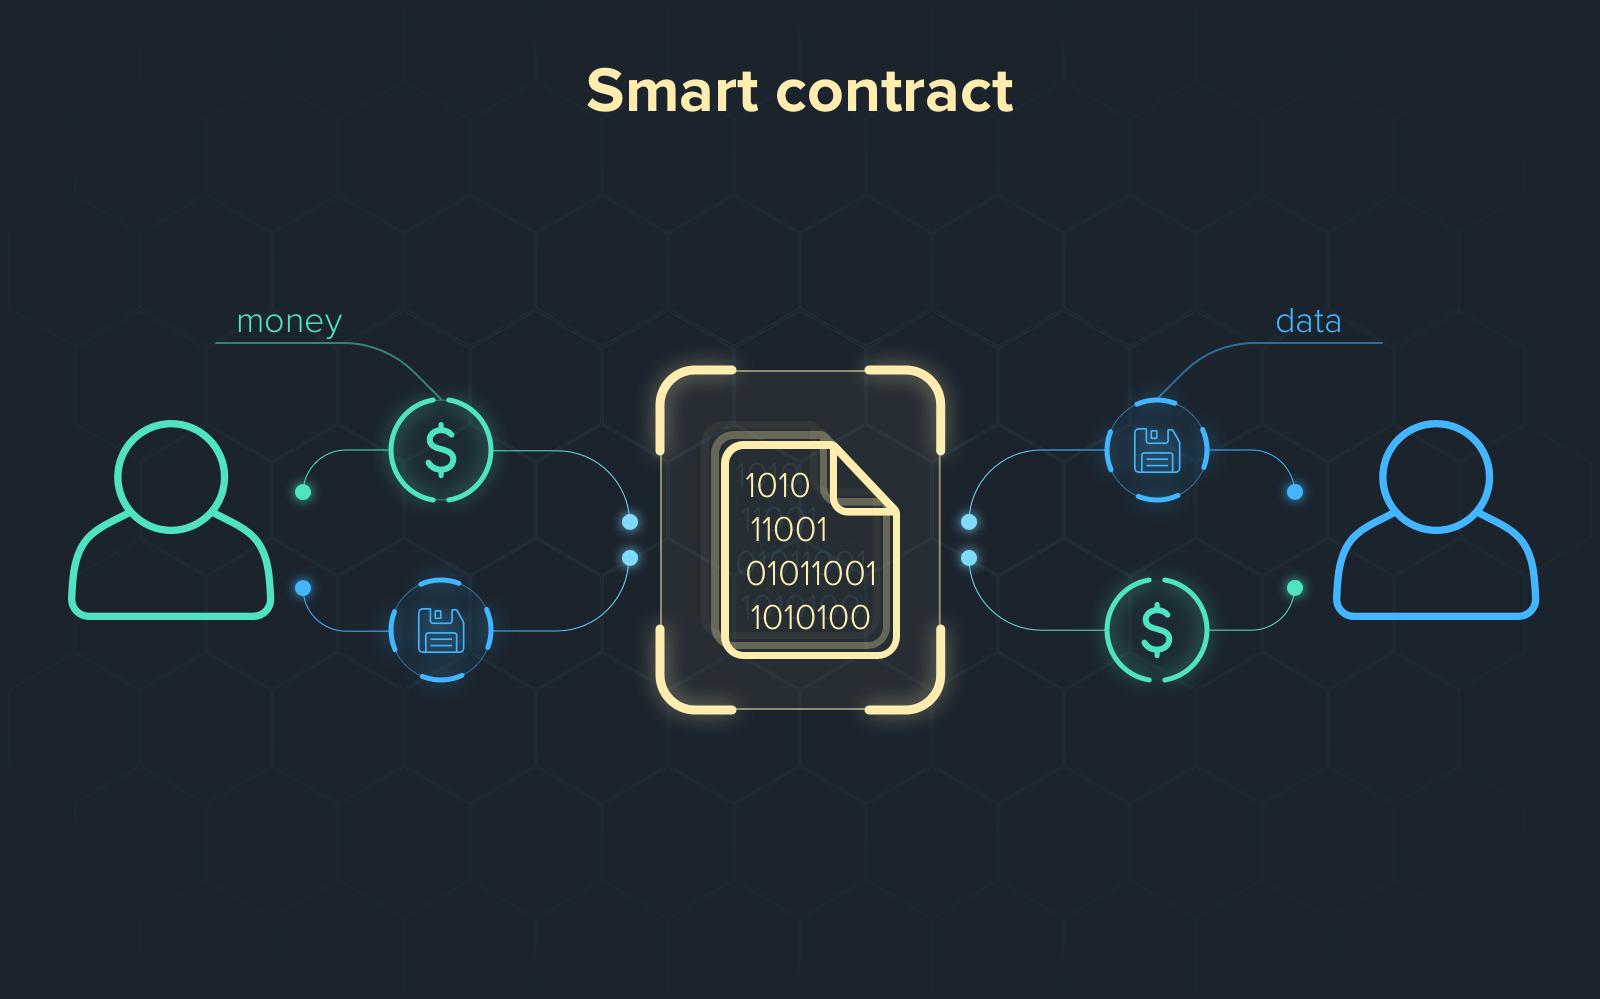 Hợp đồng thông minh Smart Contract là gì?